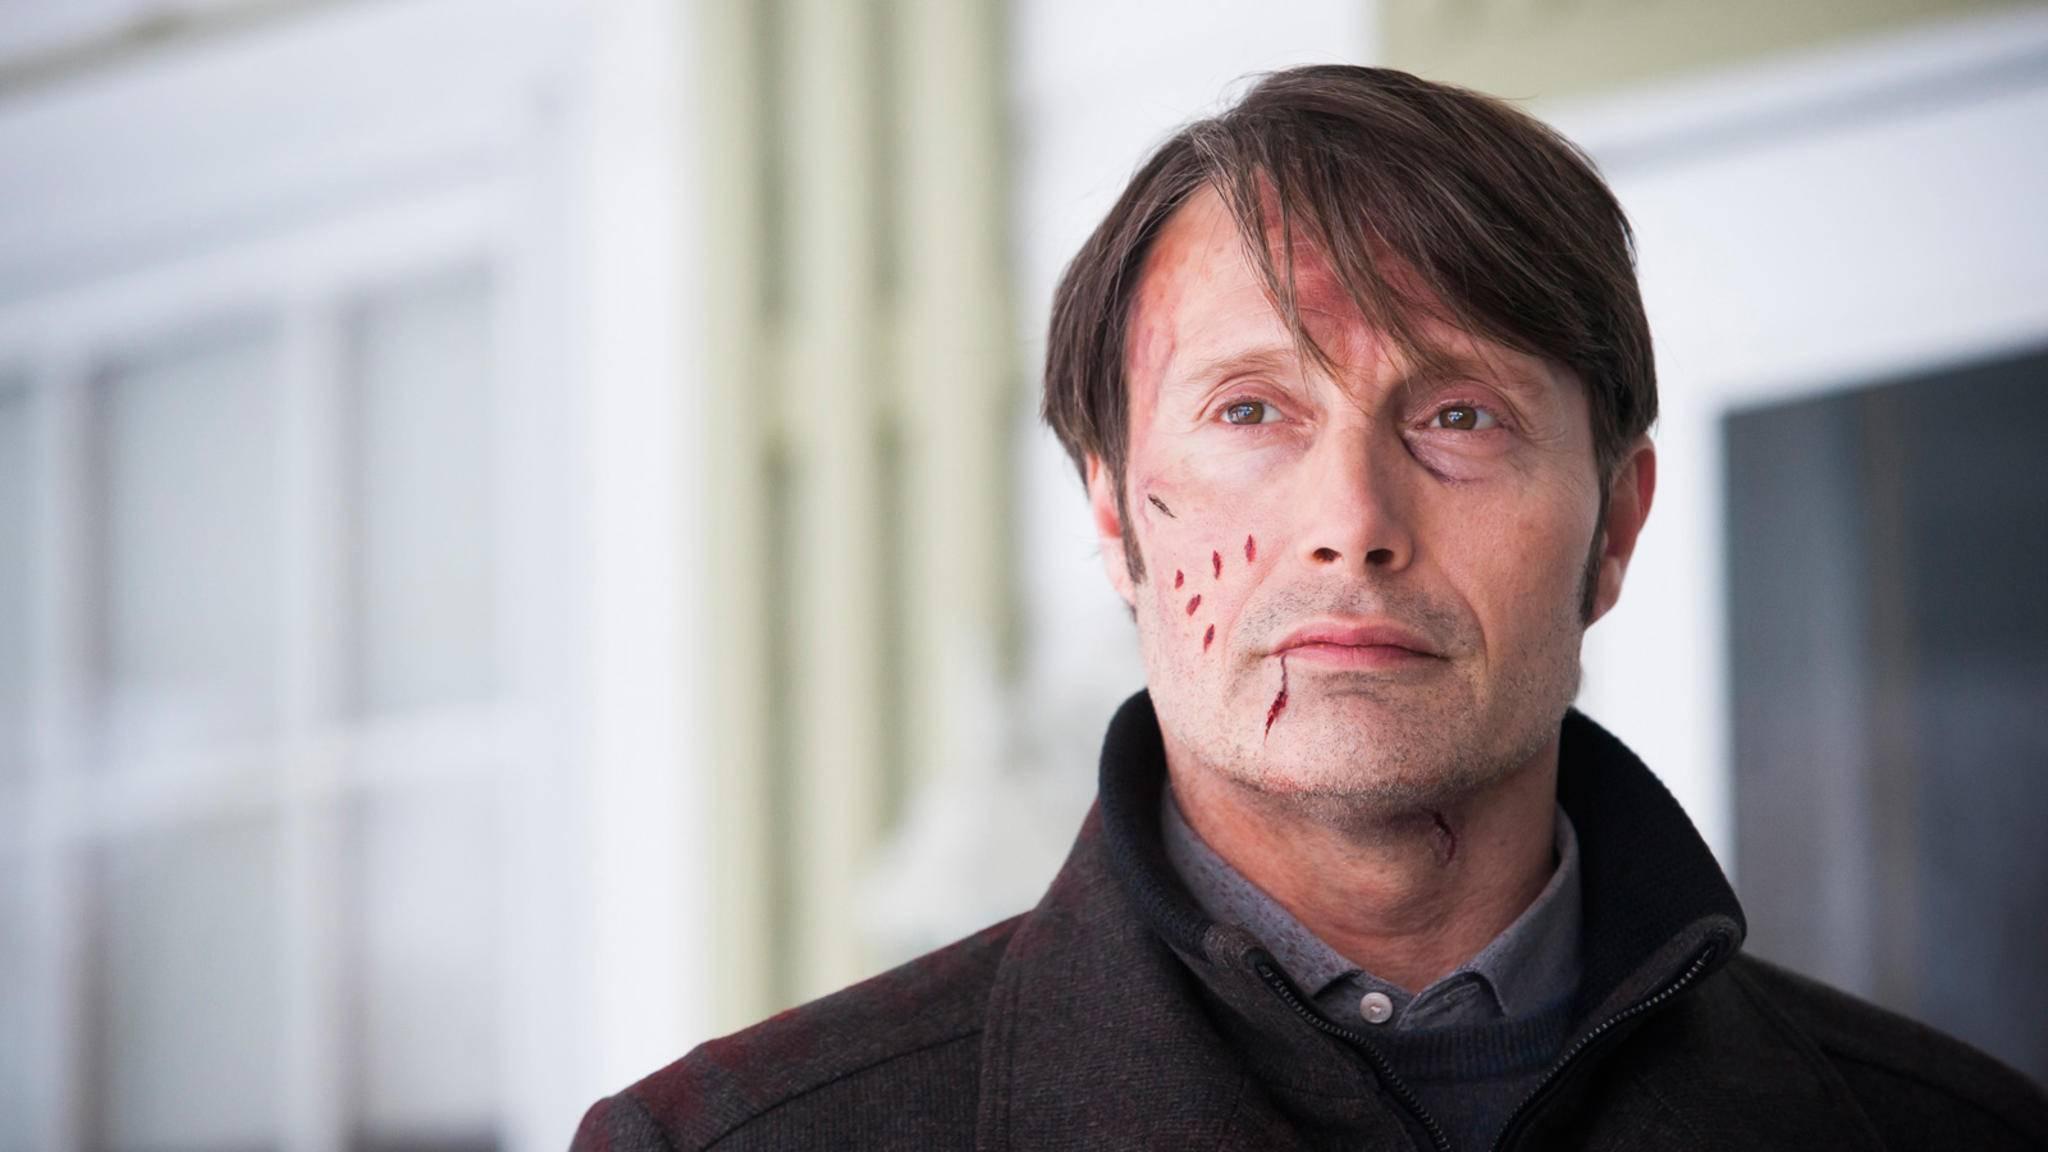 Könnte Hannibal Lecter bald wieder Unruhe stiften?